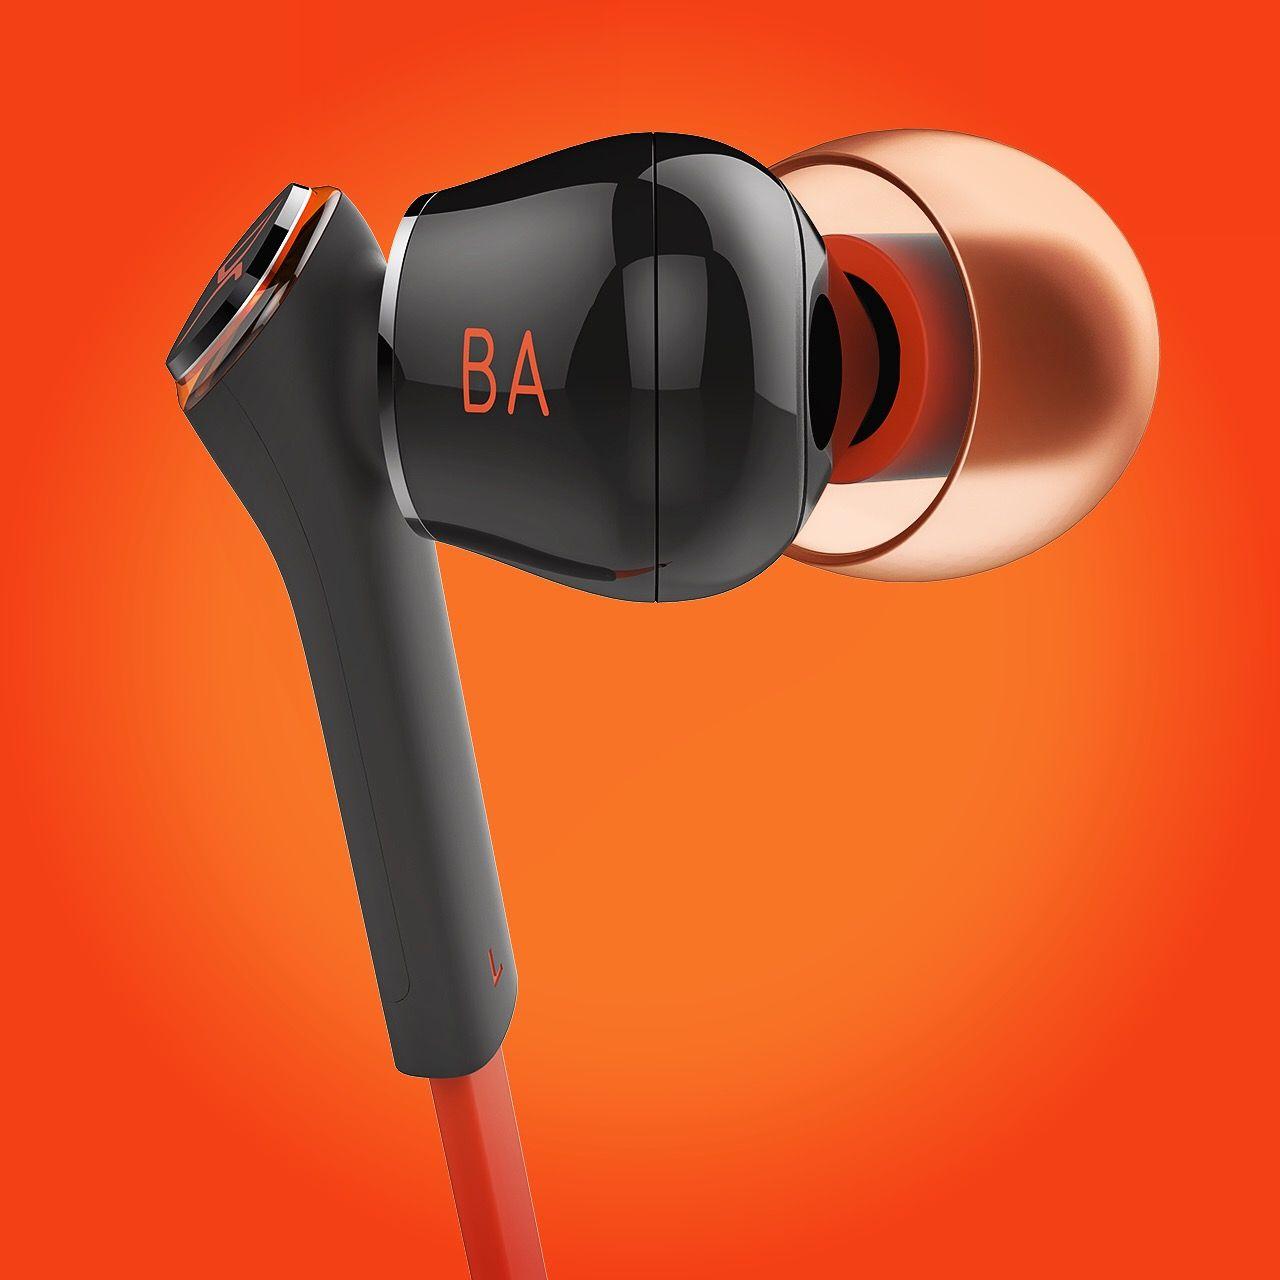 Balanced amature unit earphone designed by realdesign